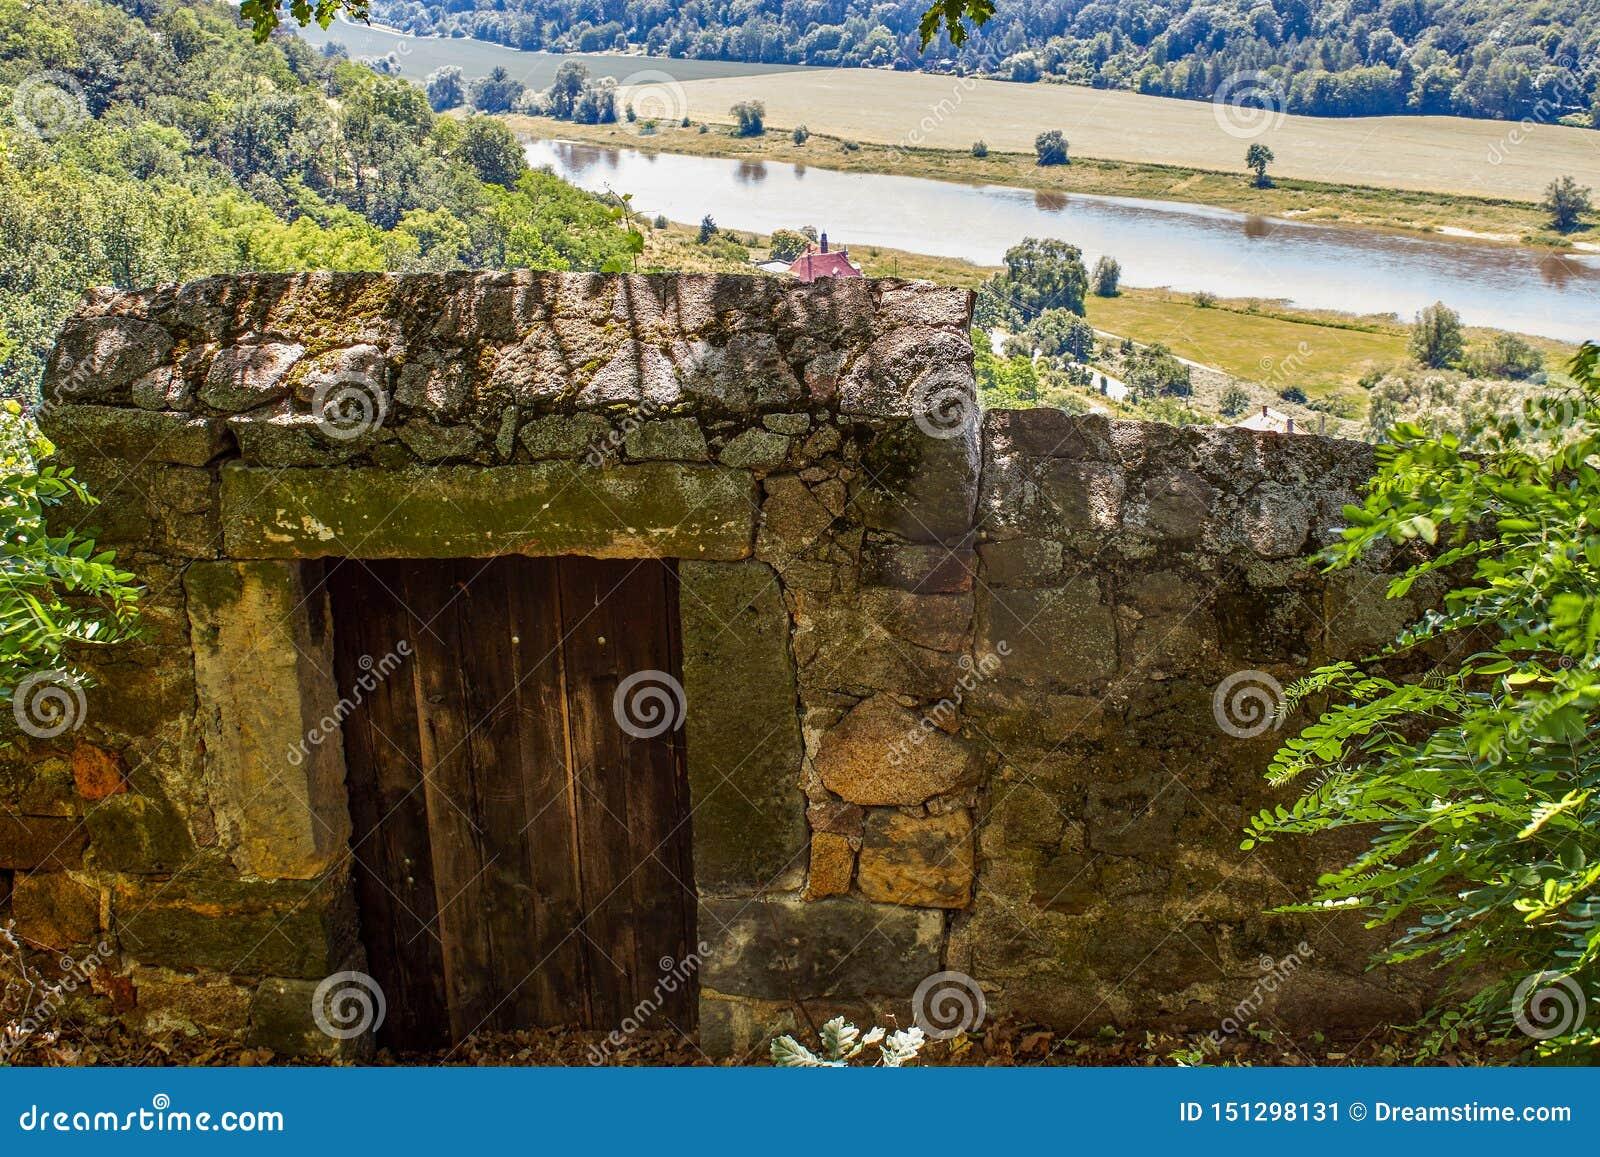 Pared con la puerta de entrada al viñedo en el Spaargebirge sajón